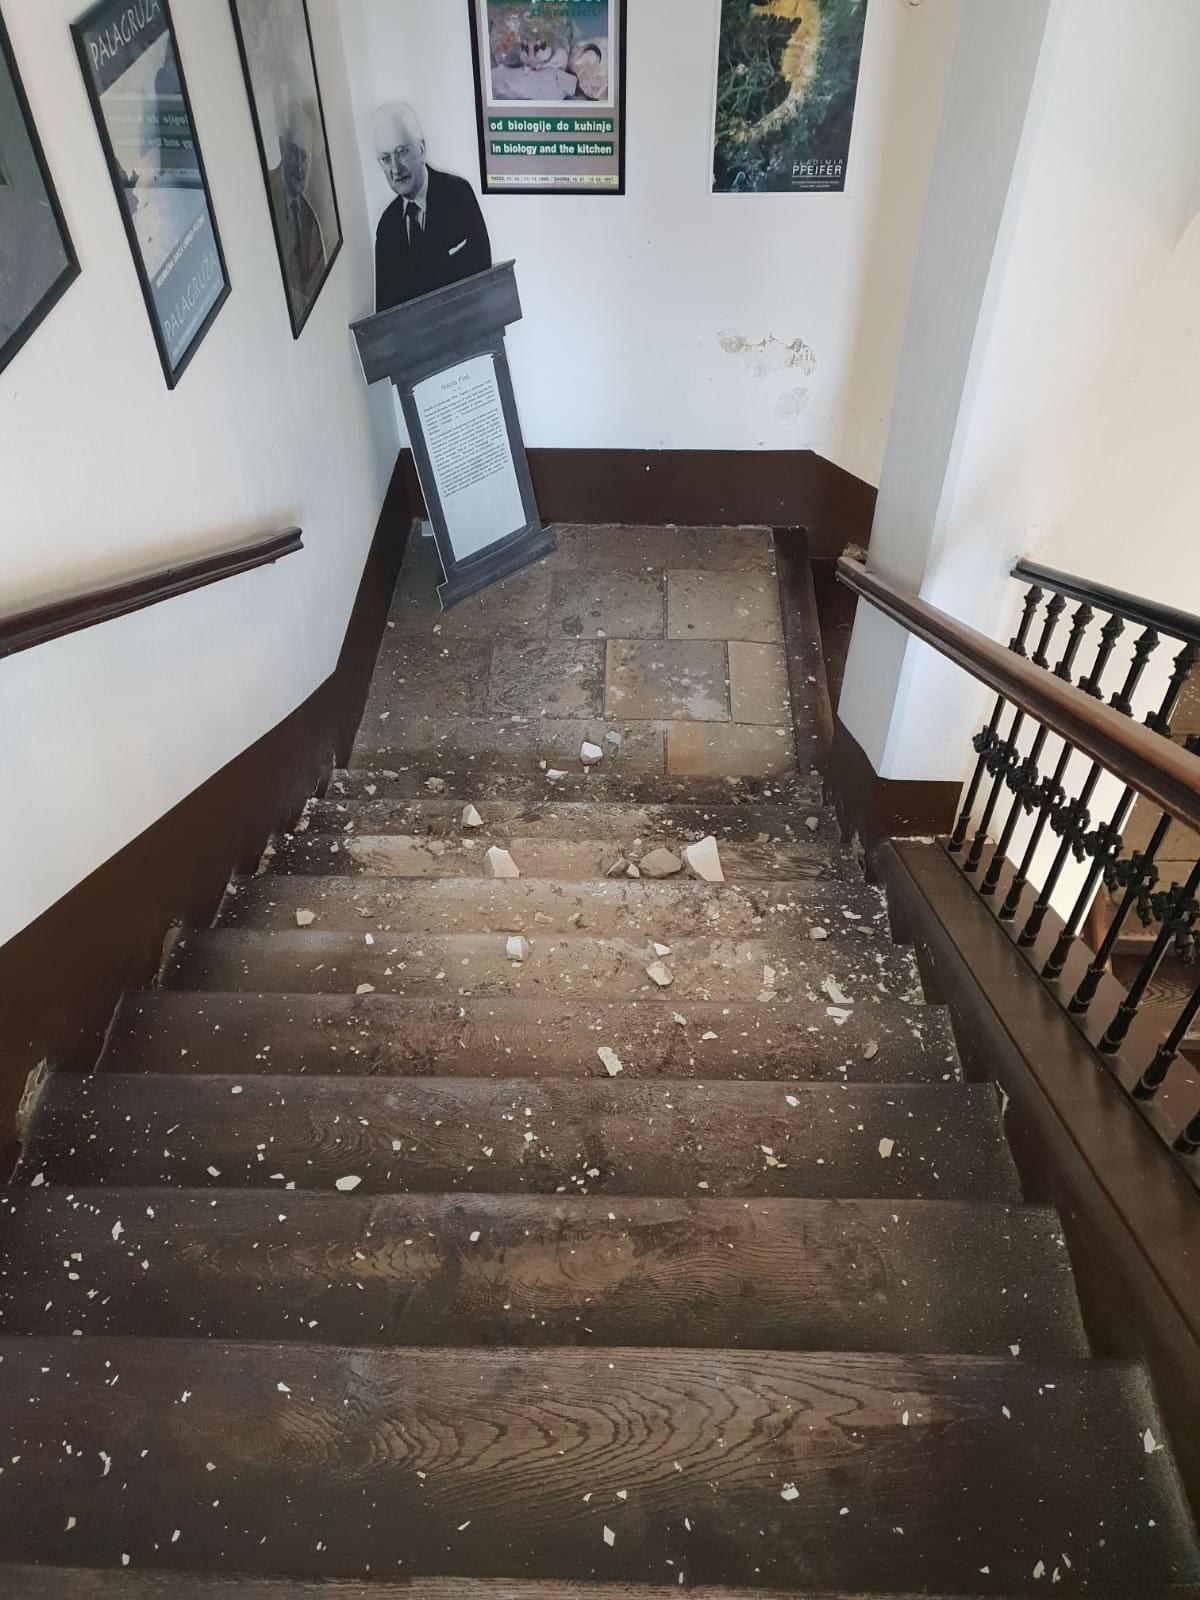 hrvatski prirodoslovni muzej zagreb - oštećenje stubišta nakon potresa - 2020